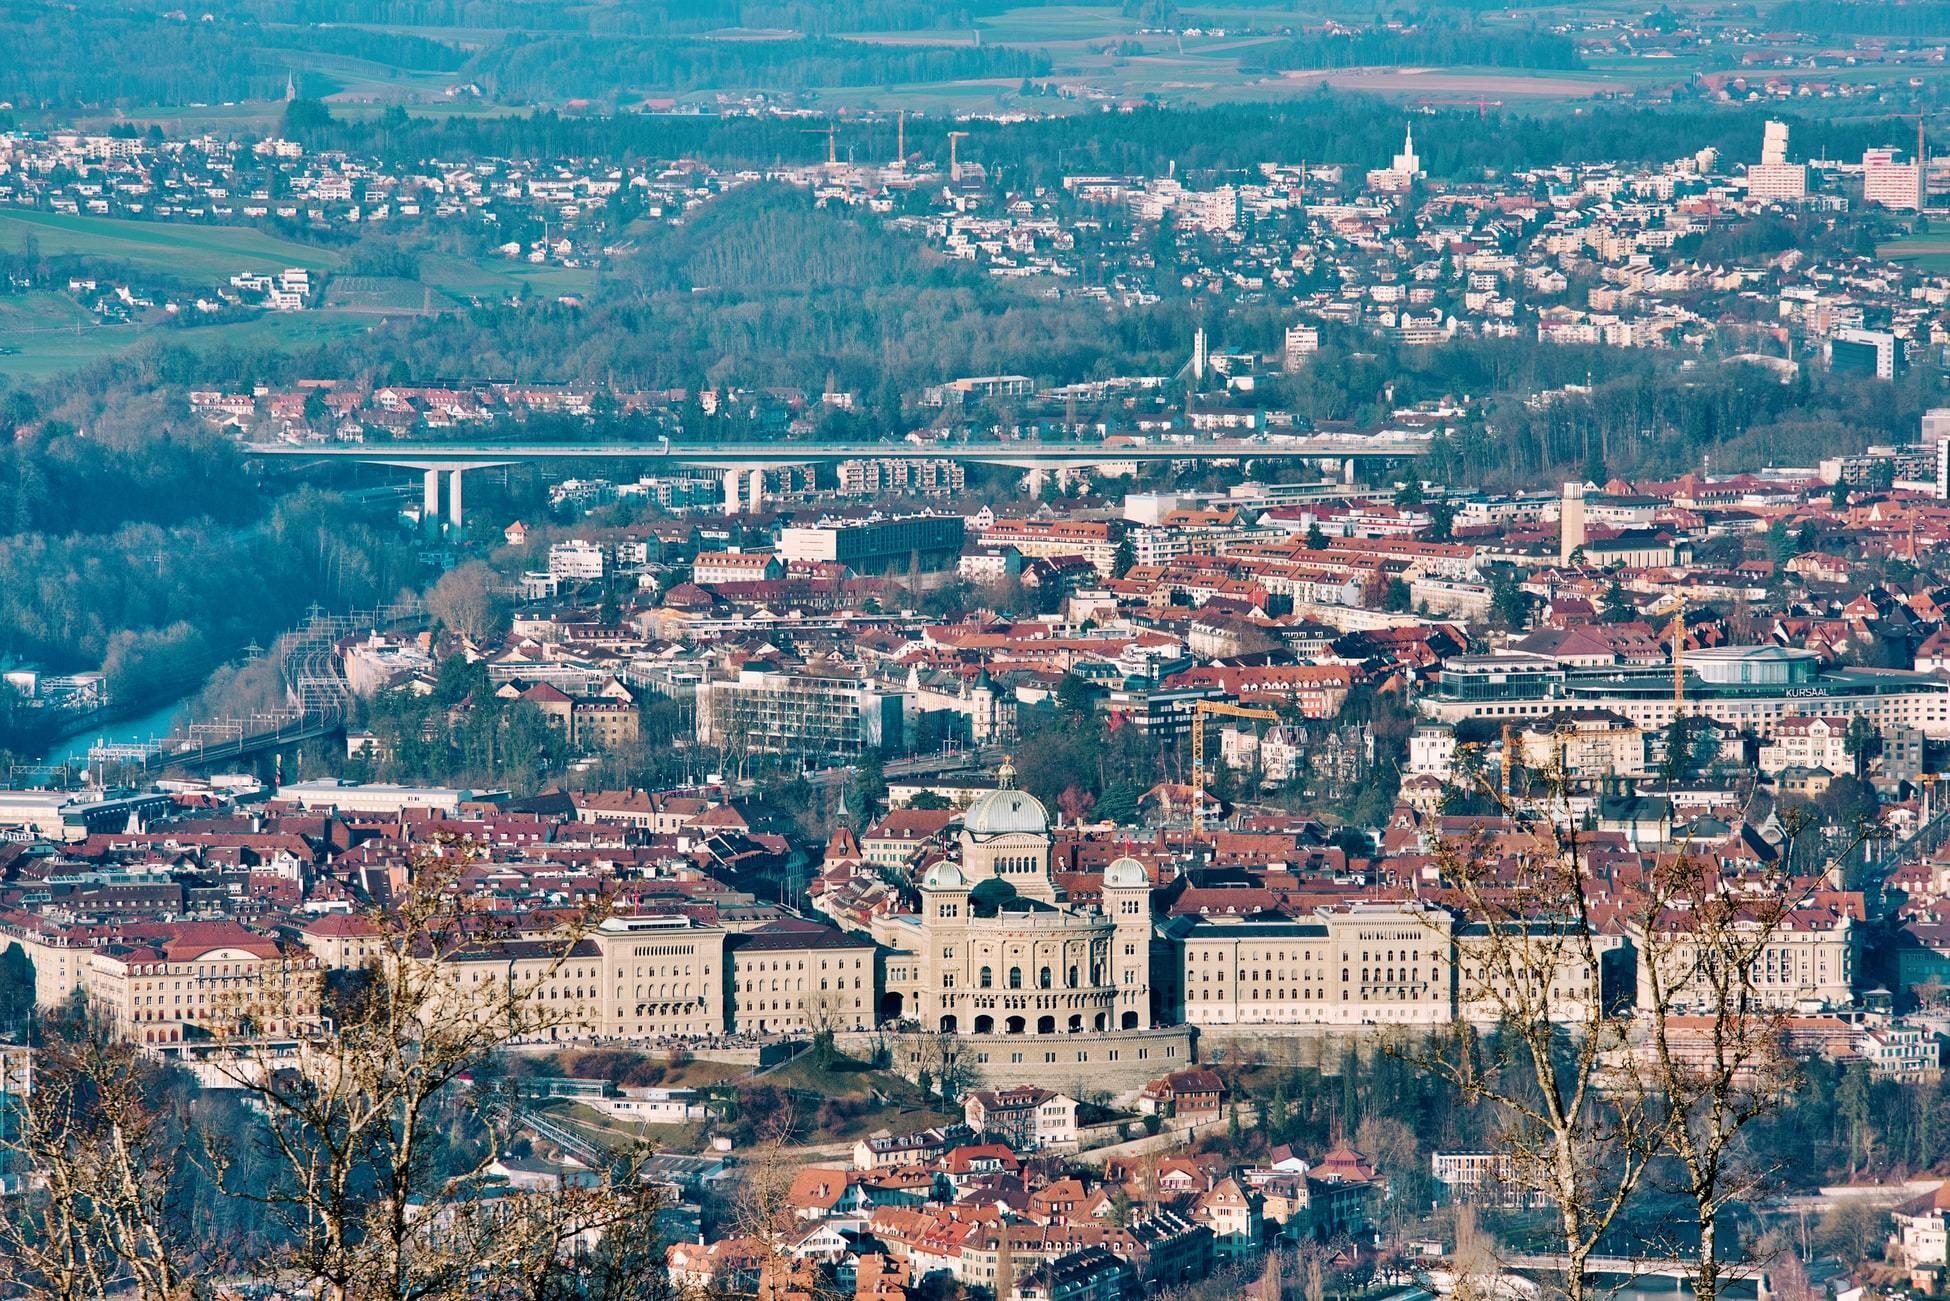 The Swiss Parliament in Bern